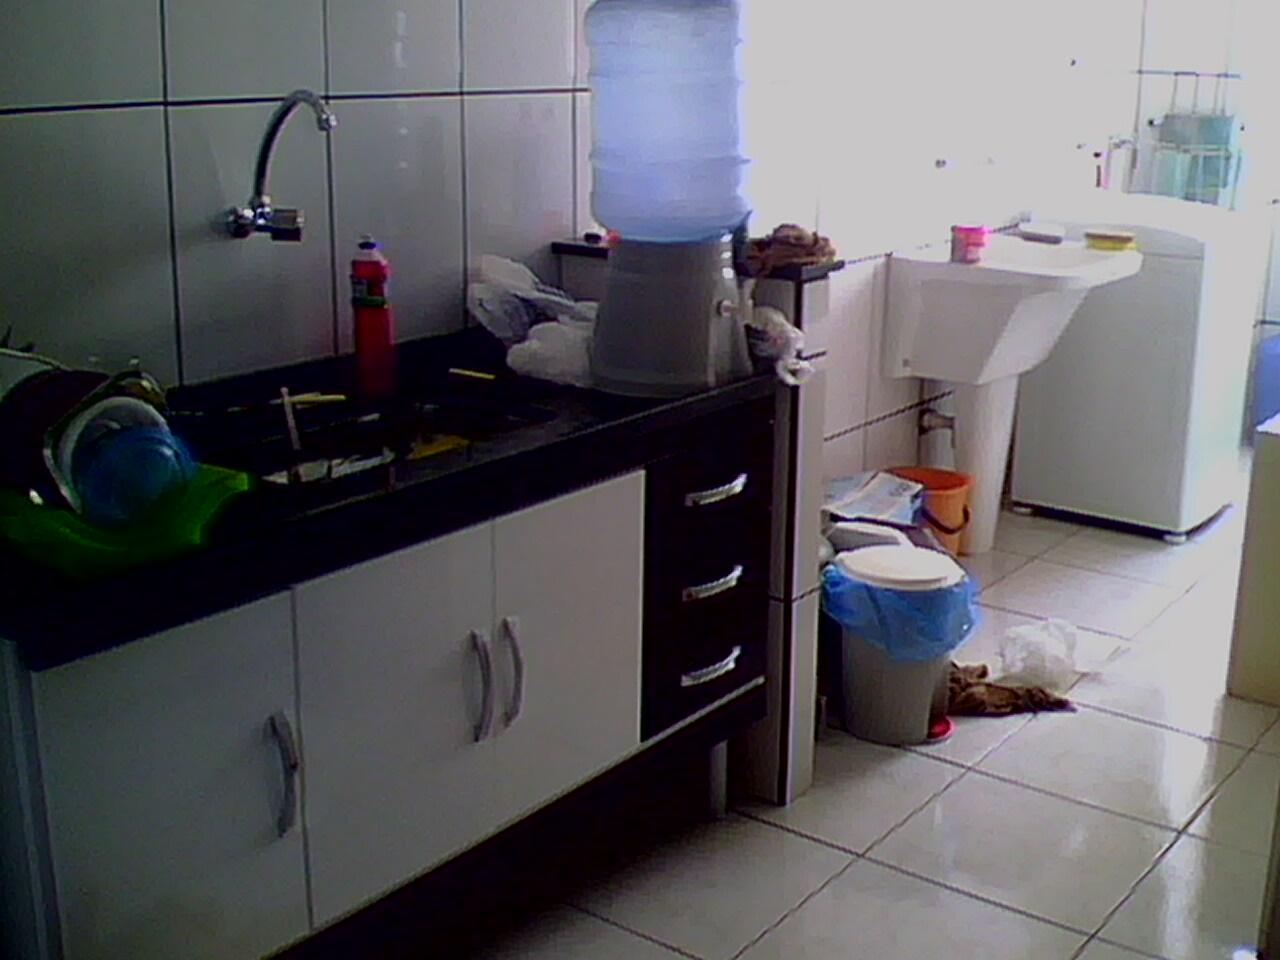 #4B5480  da cozinha mais para esquerda para aumentar a área da lavanderia 1280x960 px Projetos Cozinha Lavanderia_5095 Imagens